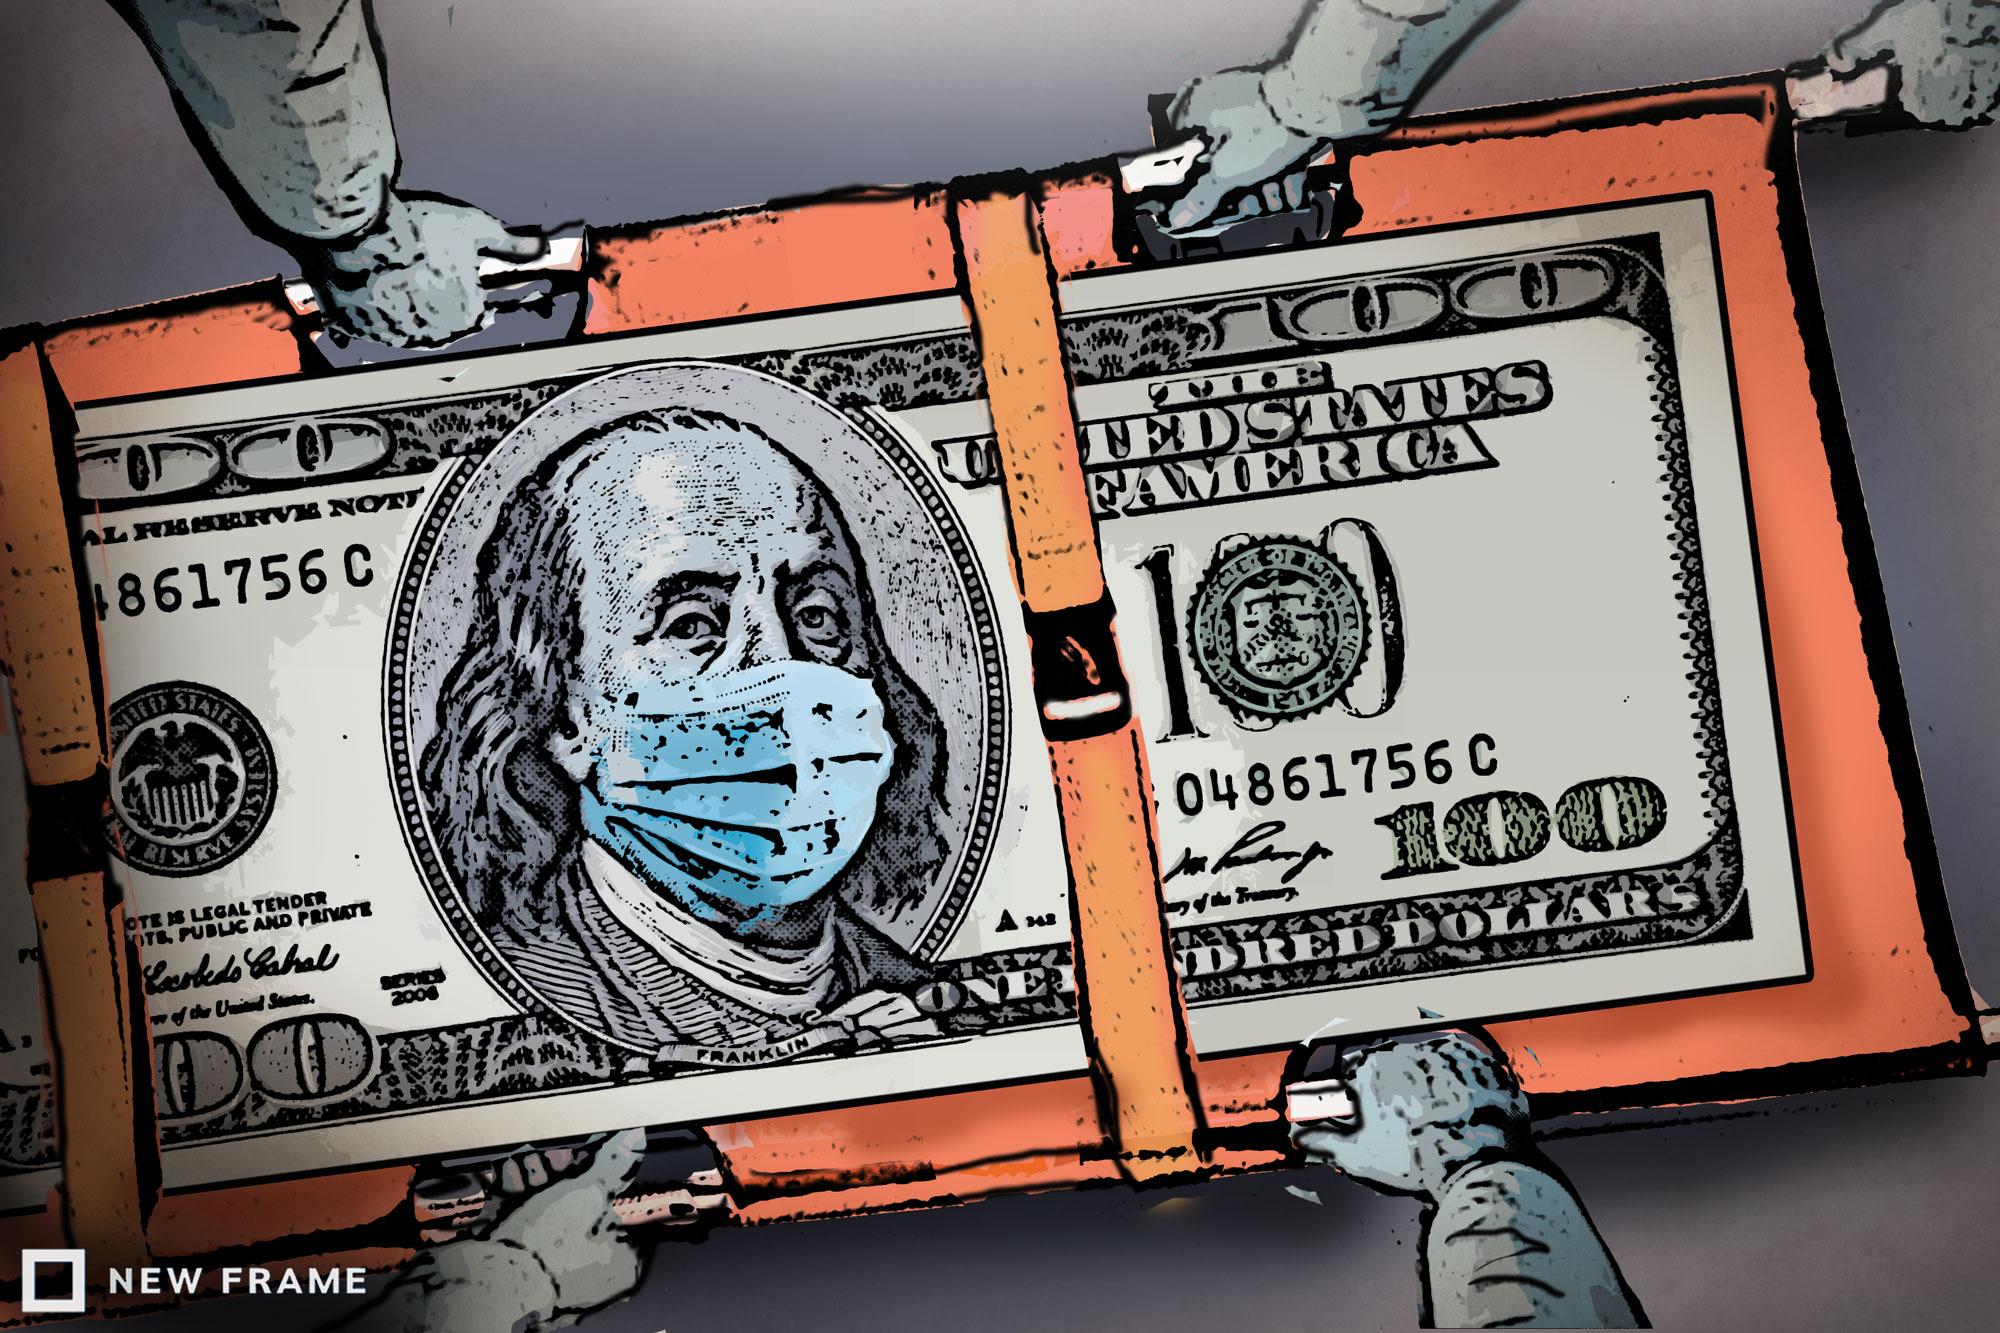 Ο Ηλίας Καραβόλιας προβλέπει ότι από την στιγμή που ο καπιταλισμός μπήκε σε καραντίνα, προμηνύεται μεγάλη ύφεση διεθνώς. Το σύστημα πάτησε φρένο και θα μειωθεί η κατανάλωση με όλα τα συνεπακόλουθα. Παραγωγή και εμπόριο θα ψάξουν να βρουν νέα σημεία ισορροπίας. new deal